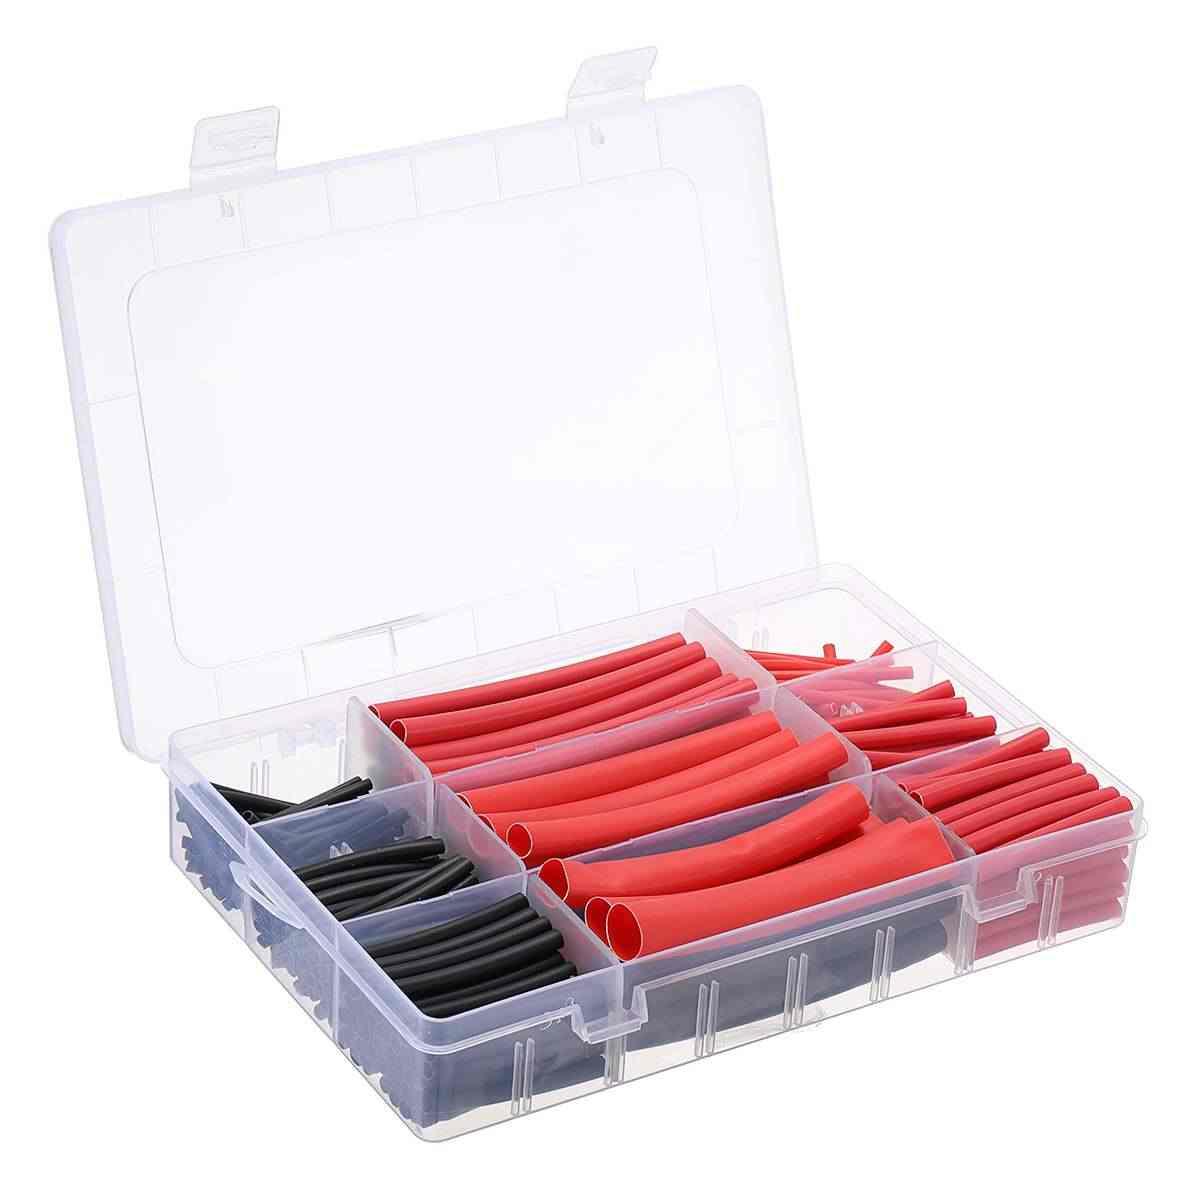 270 個 3:1 熱収縮チューブ絶縁収縮チューブ電線ケーブルラップ詰め合わせ電気絶縁スリーブキット